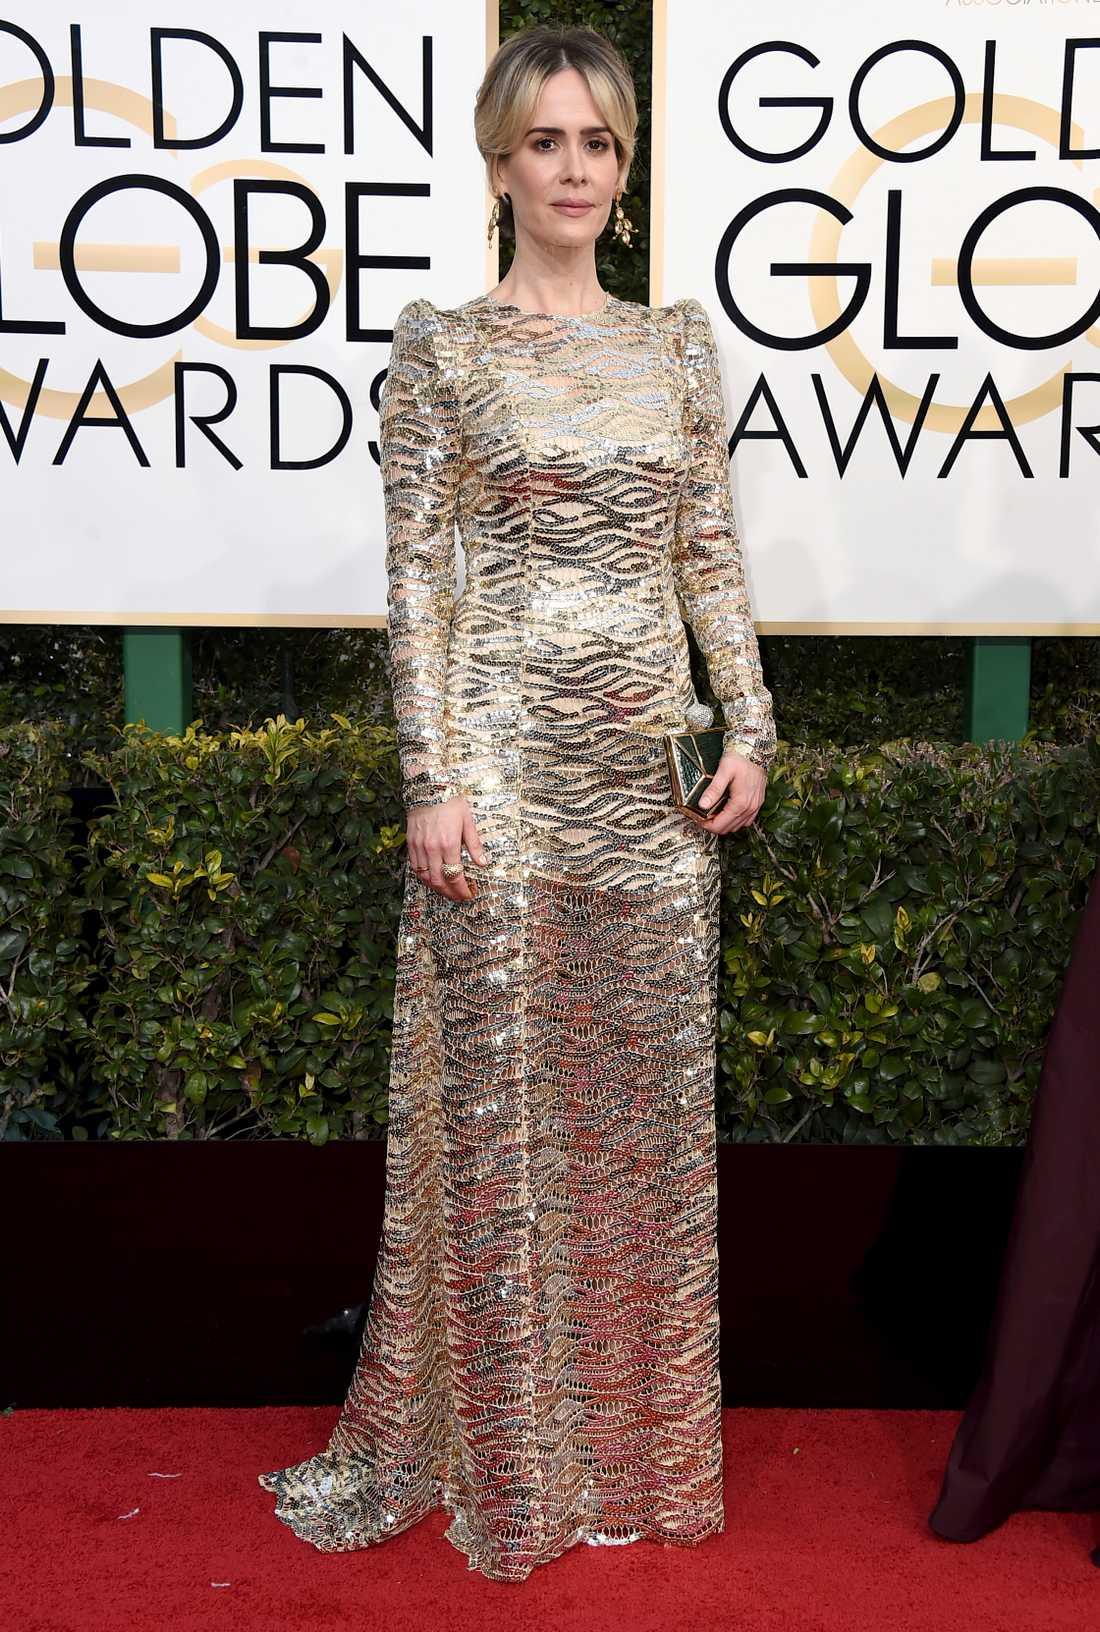 Sarah Paulson Jag gillar egentligen klänningar med lång ärm och mer dolt än vad som är vanligt i Hollywood men den här klänningen av Marc Jacobs kanske blev lite FÖR kristlig? Sarah Paulsen förväntas ju vinna inatt så kanske var man mer fokuserad på guld och metall än elegans. De där puffärmarna var INTE i min smak.  2 plus